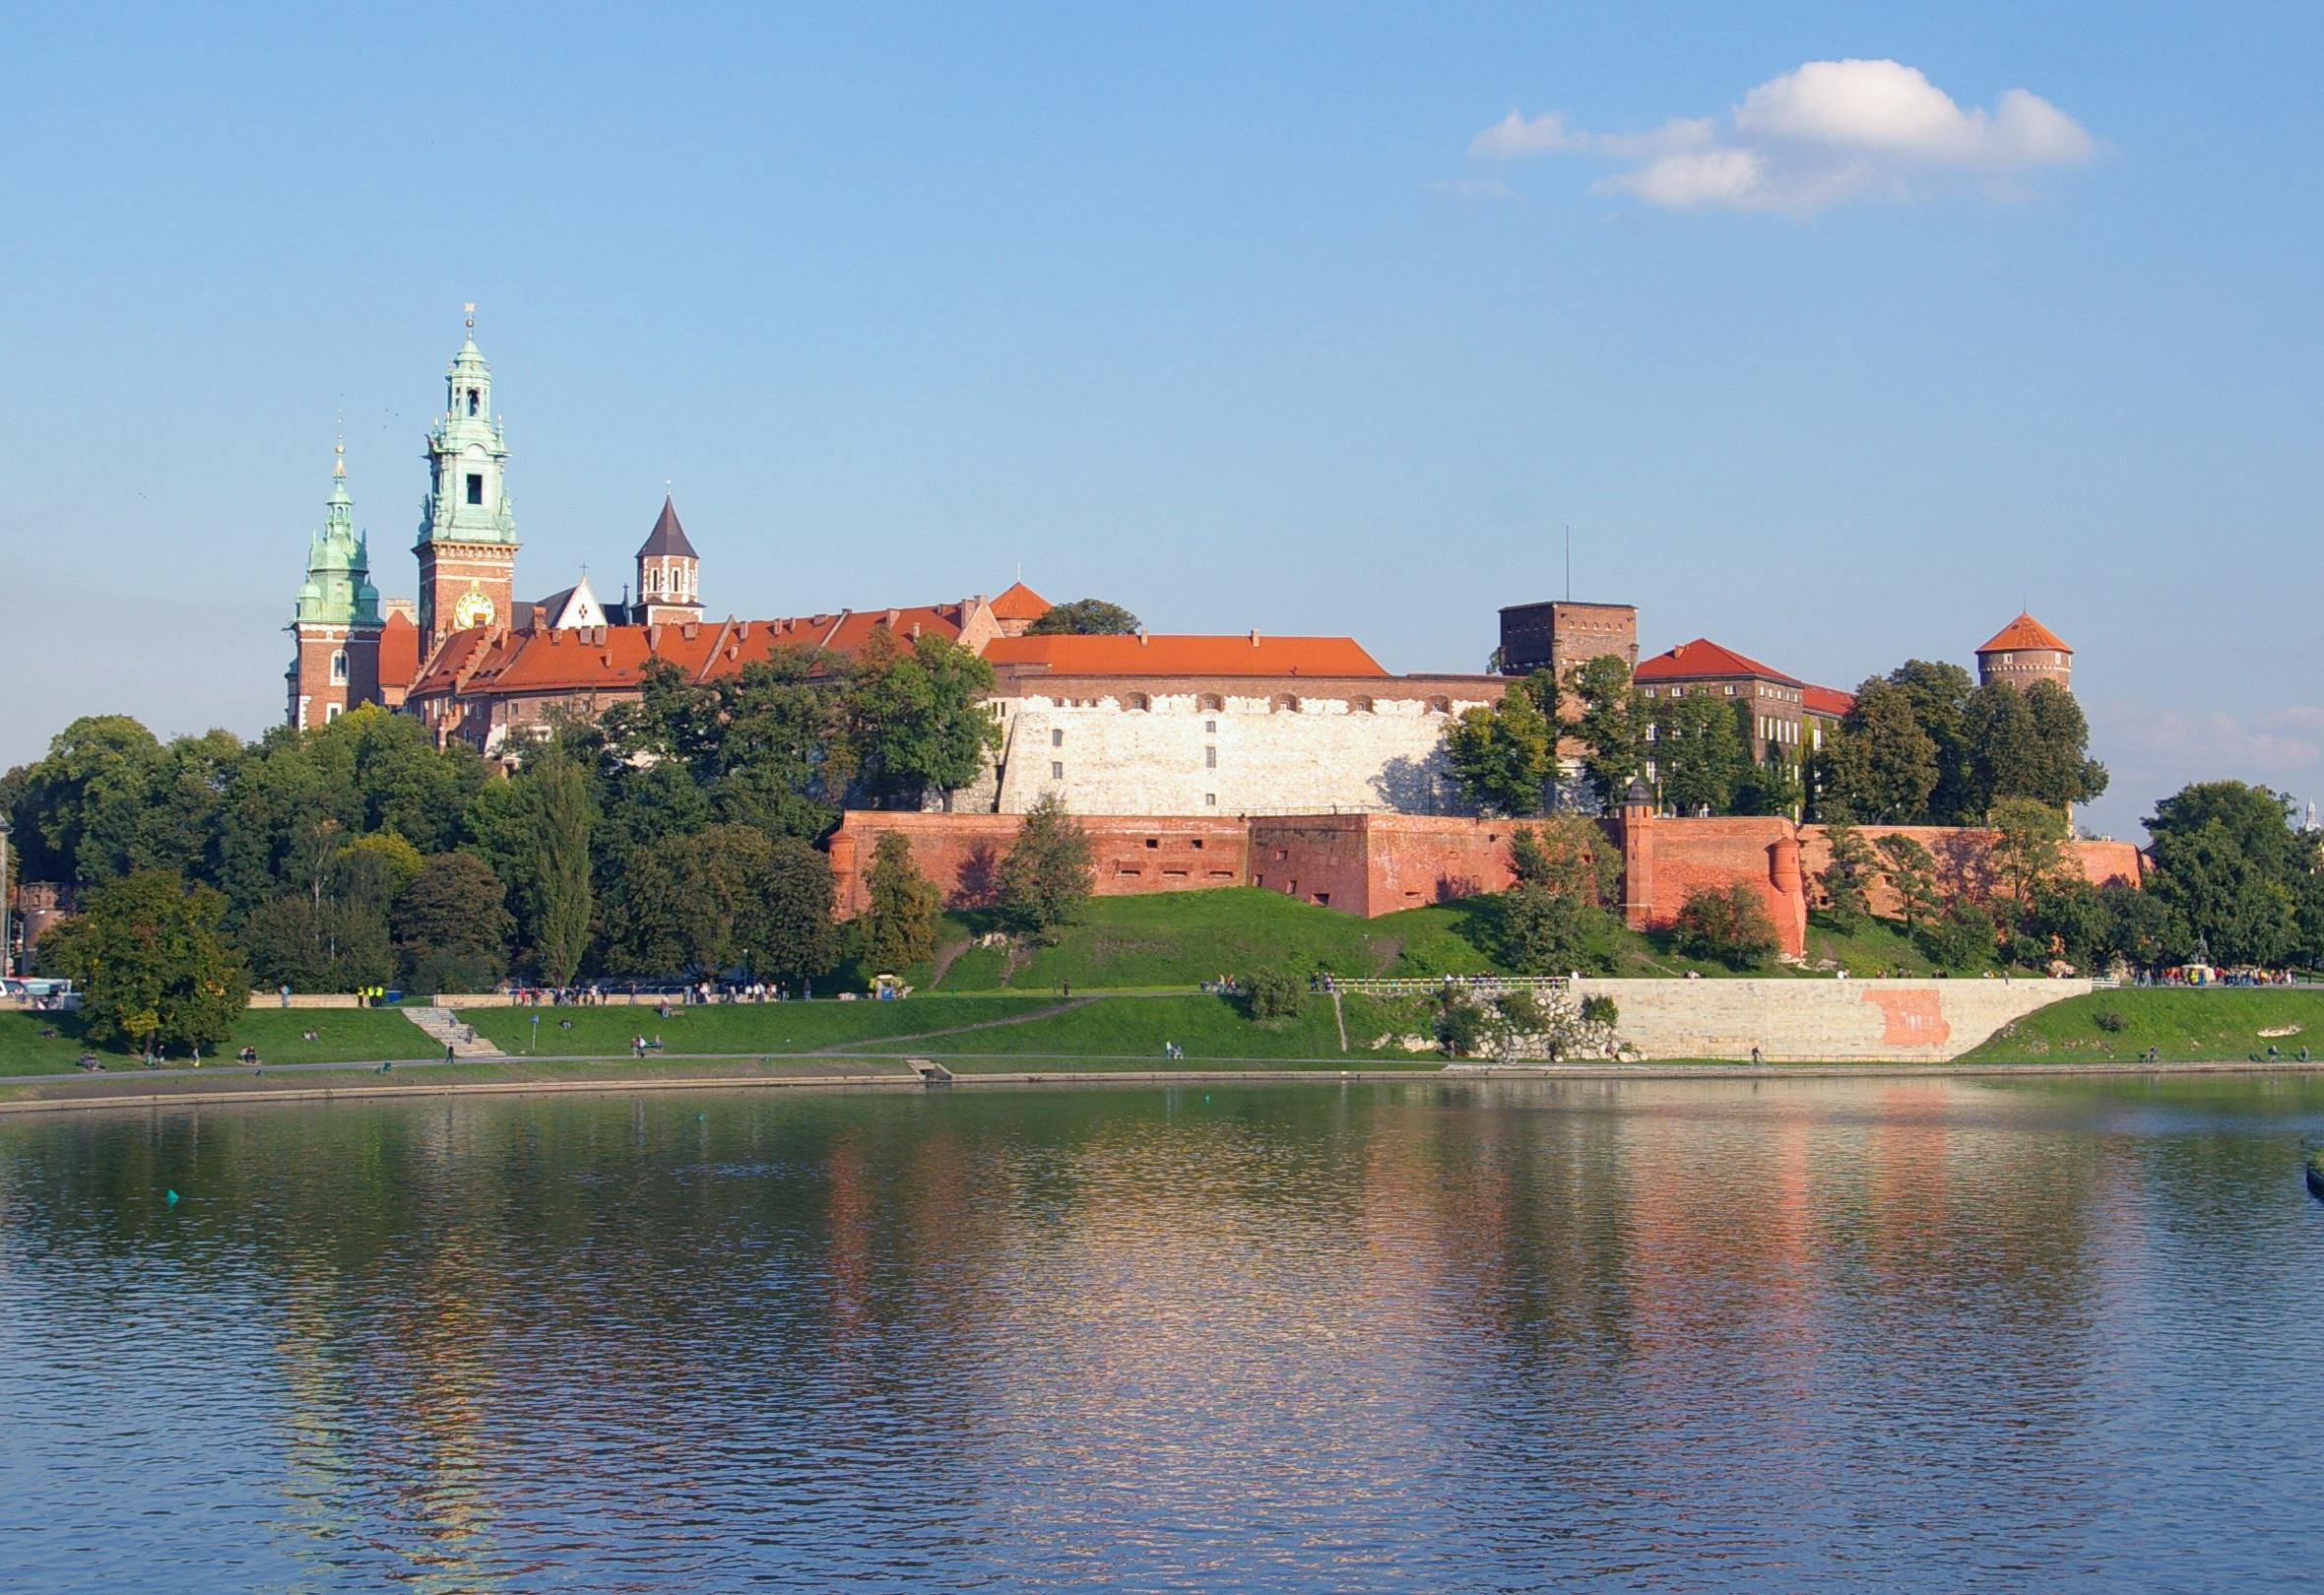 Krakow_Wawel_20070920_1299